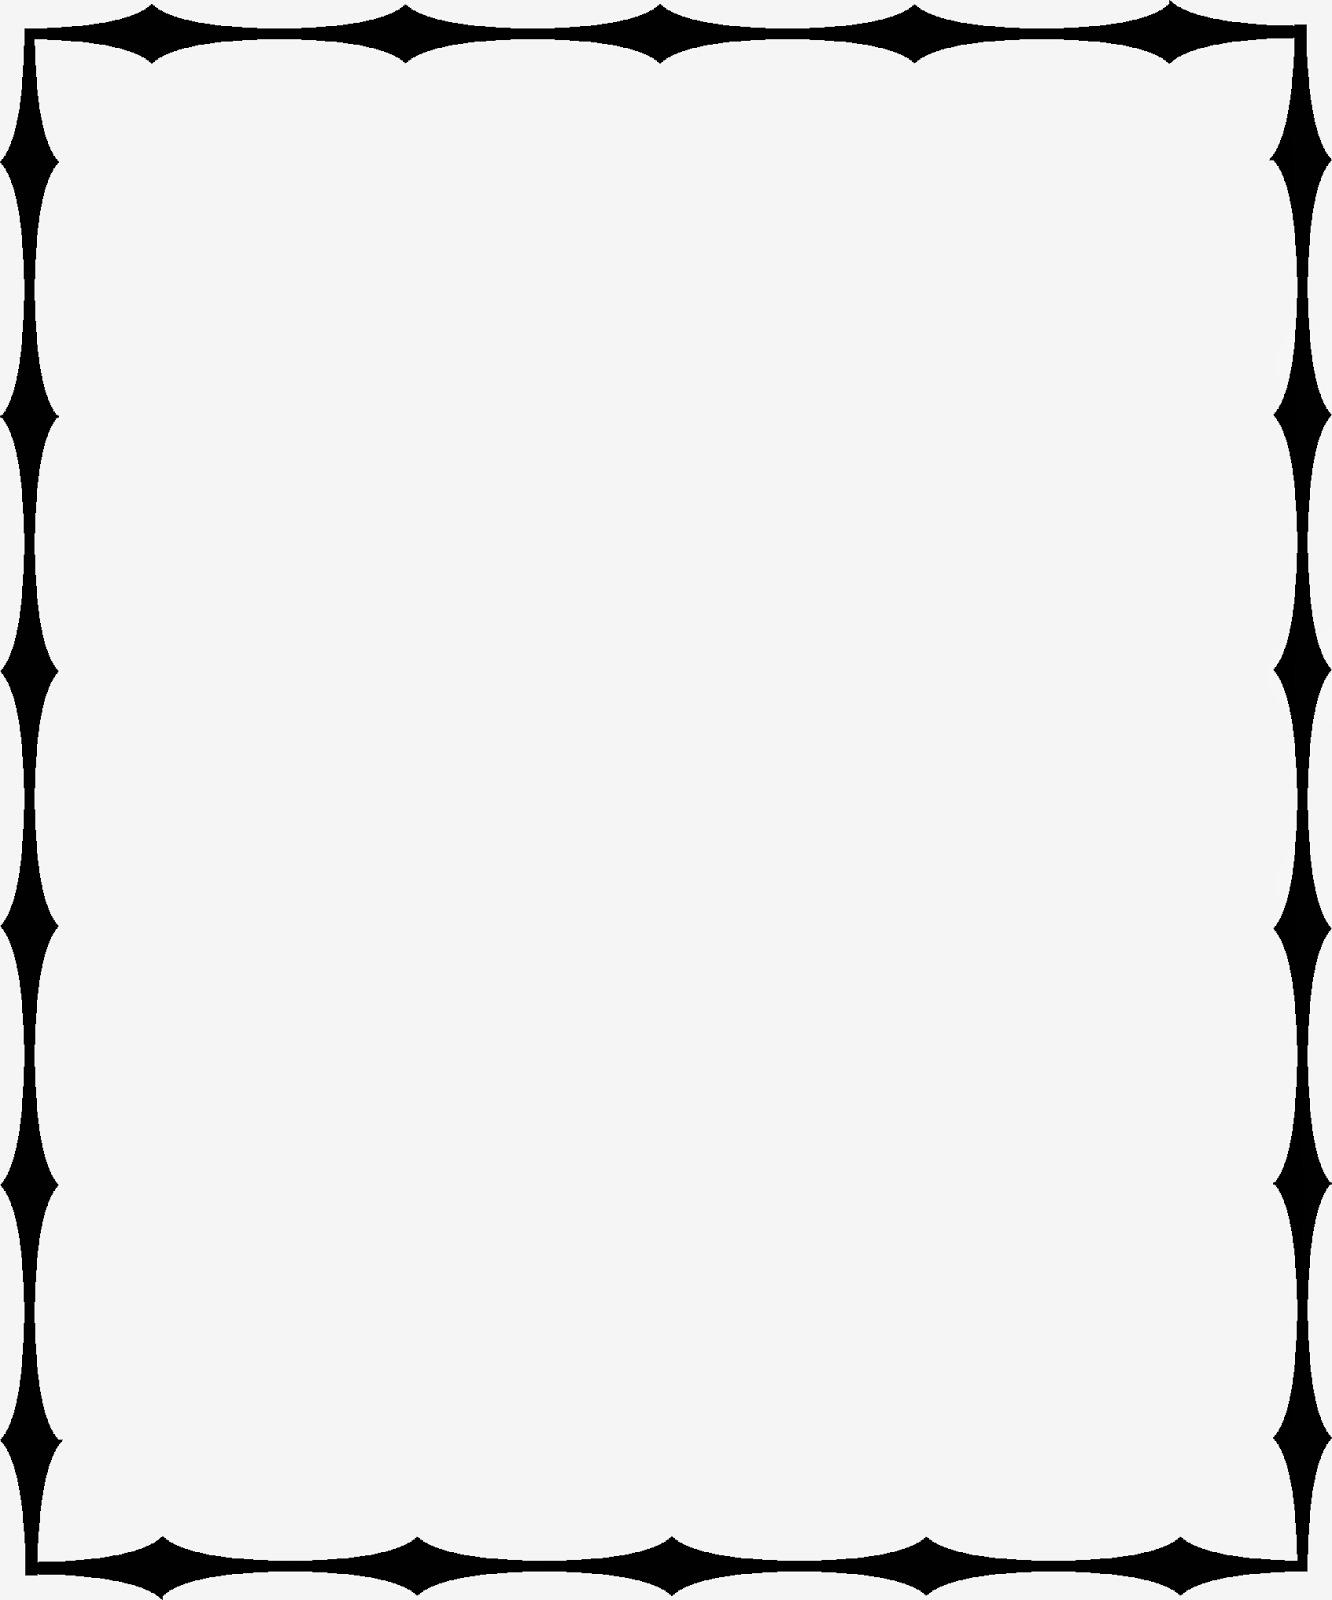 Crayon Page Border